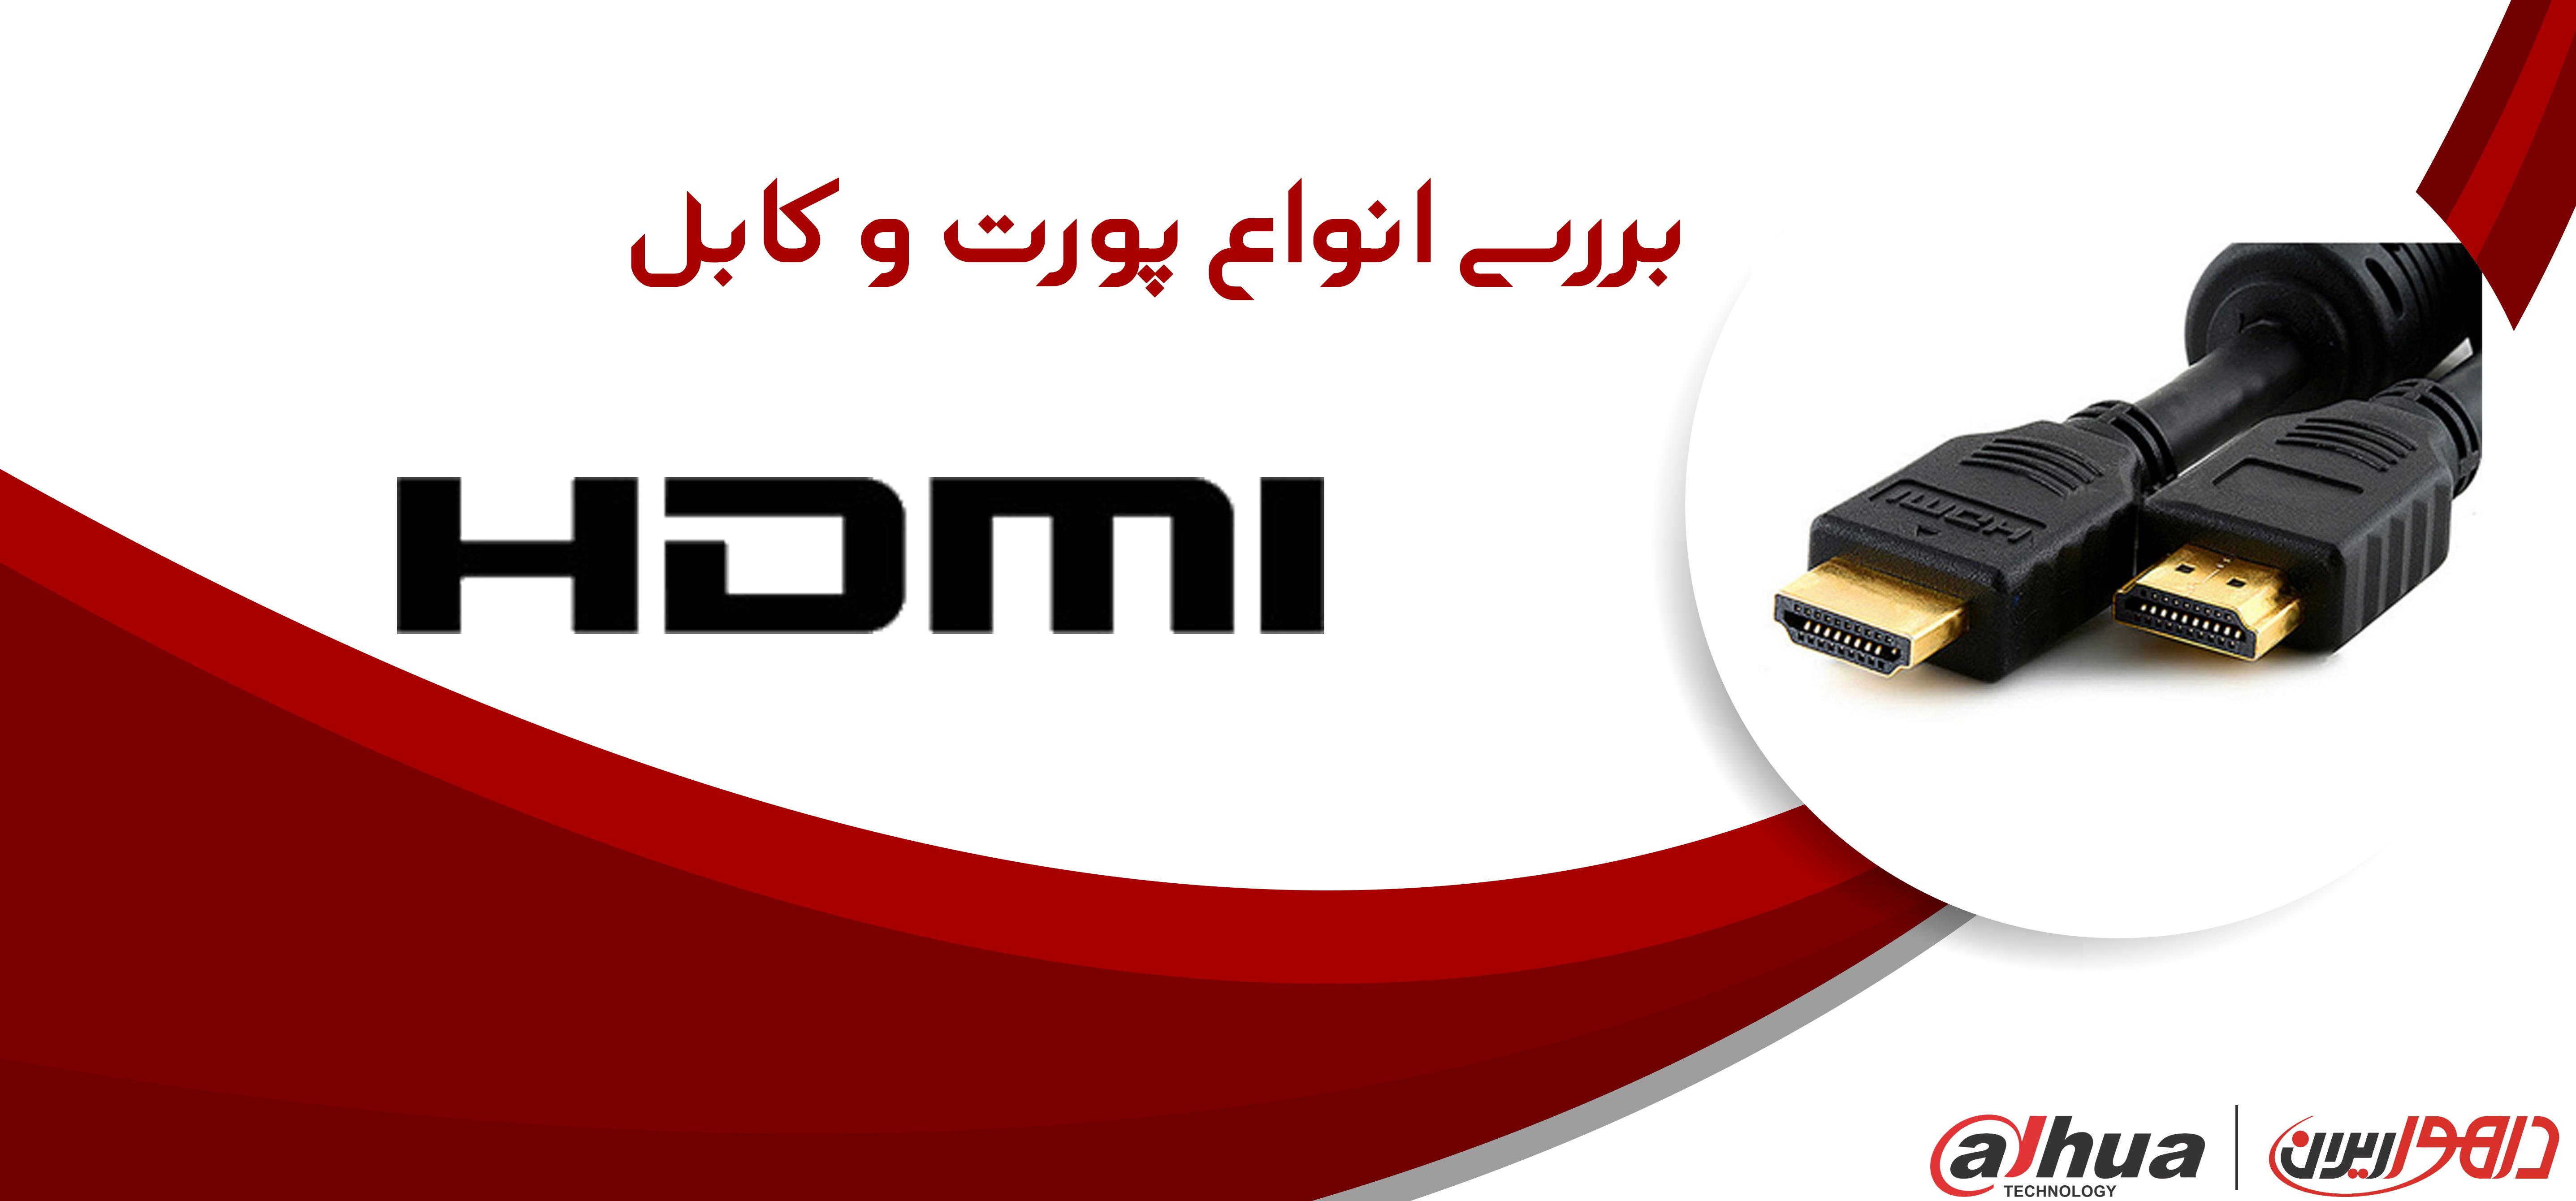 HDMI بررسی انواع پورت و کابل